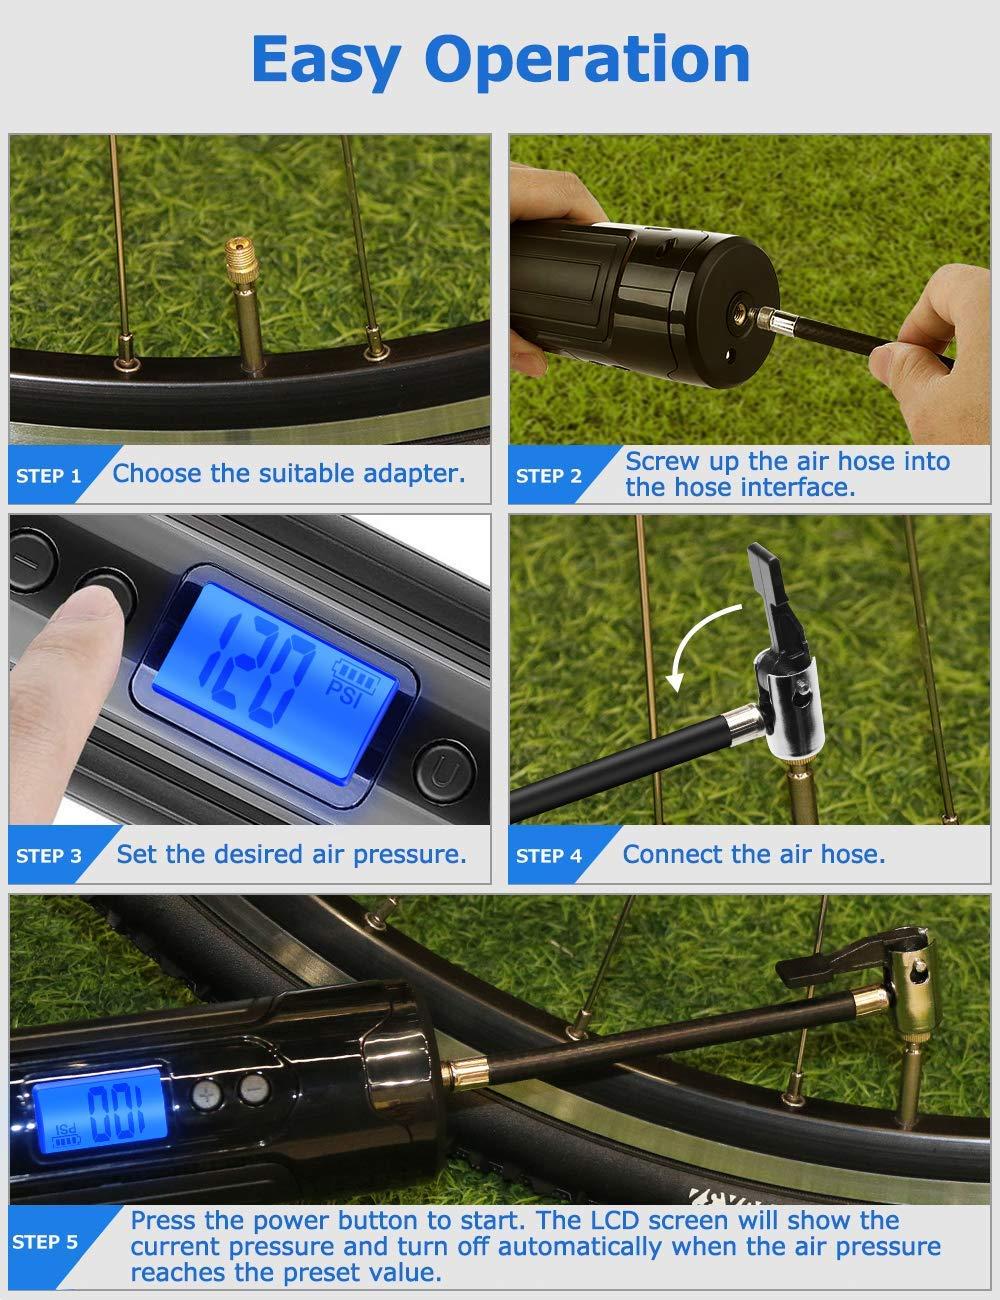 YLJYJ Kompressor Fahrrad Reifendruckpr/üfer Auto Luftkompressor Akku Wiederaufladbarer mit 3 Jahre Garantie Tragbare Reifenpumpe 1000Kpa 12V Mobile Kompressoren /& Luftpumpen